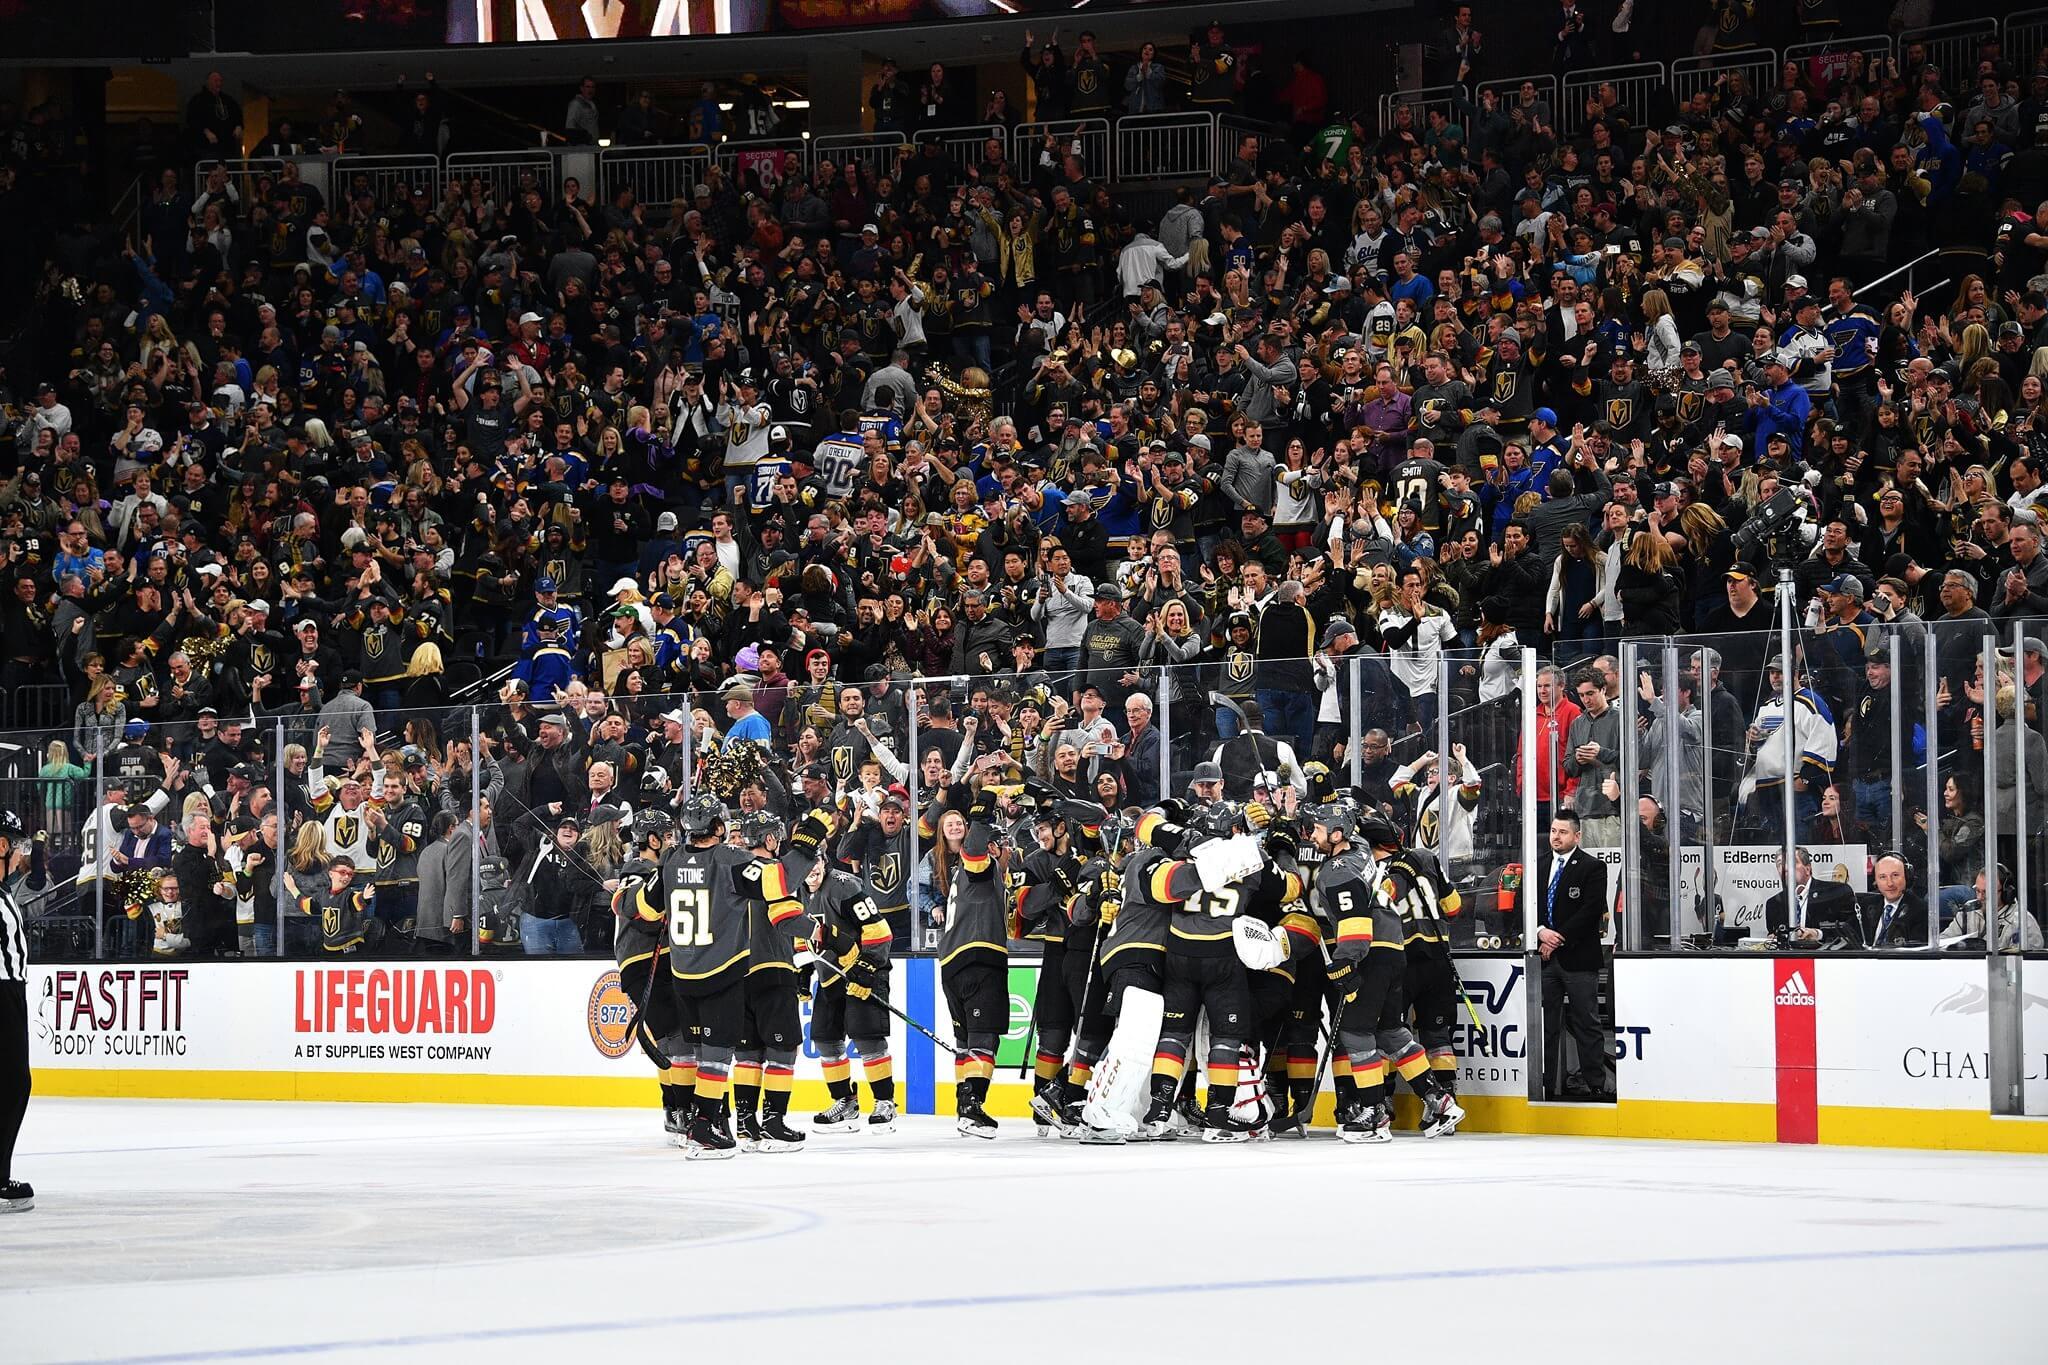 hockey game in las vegas